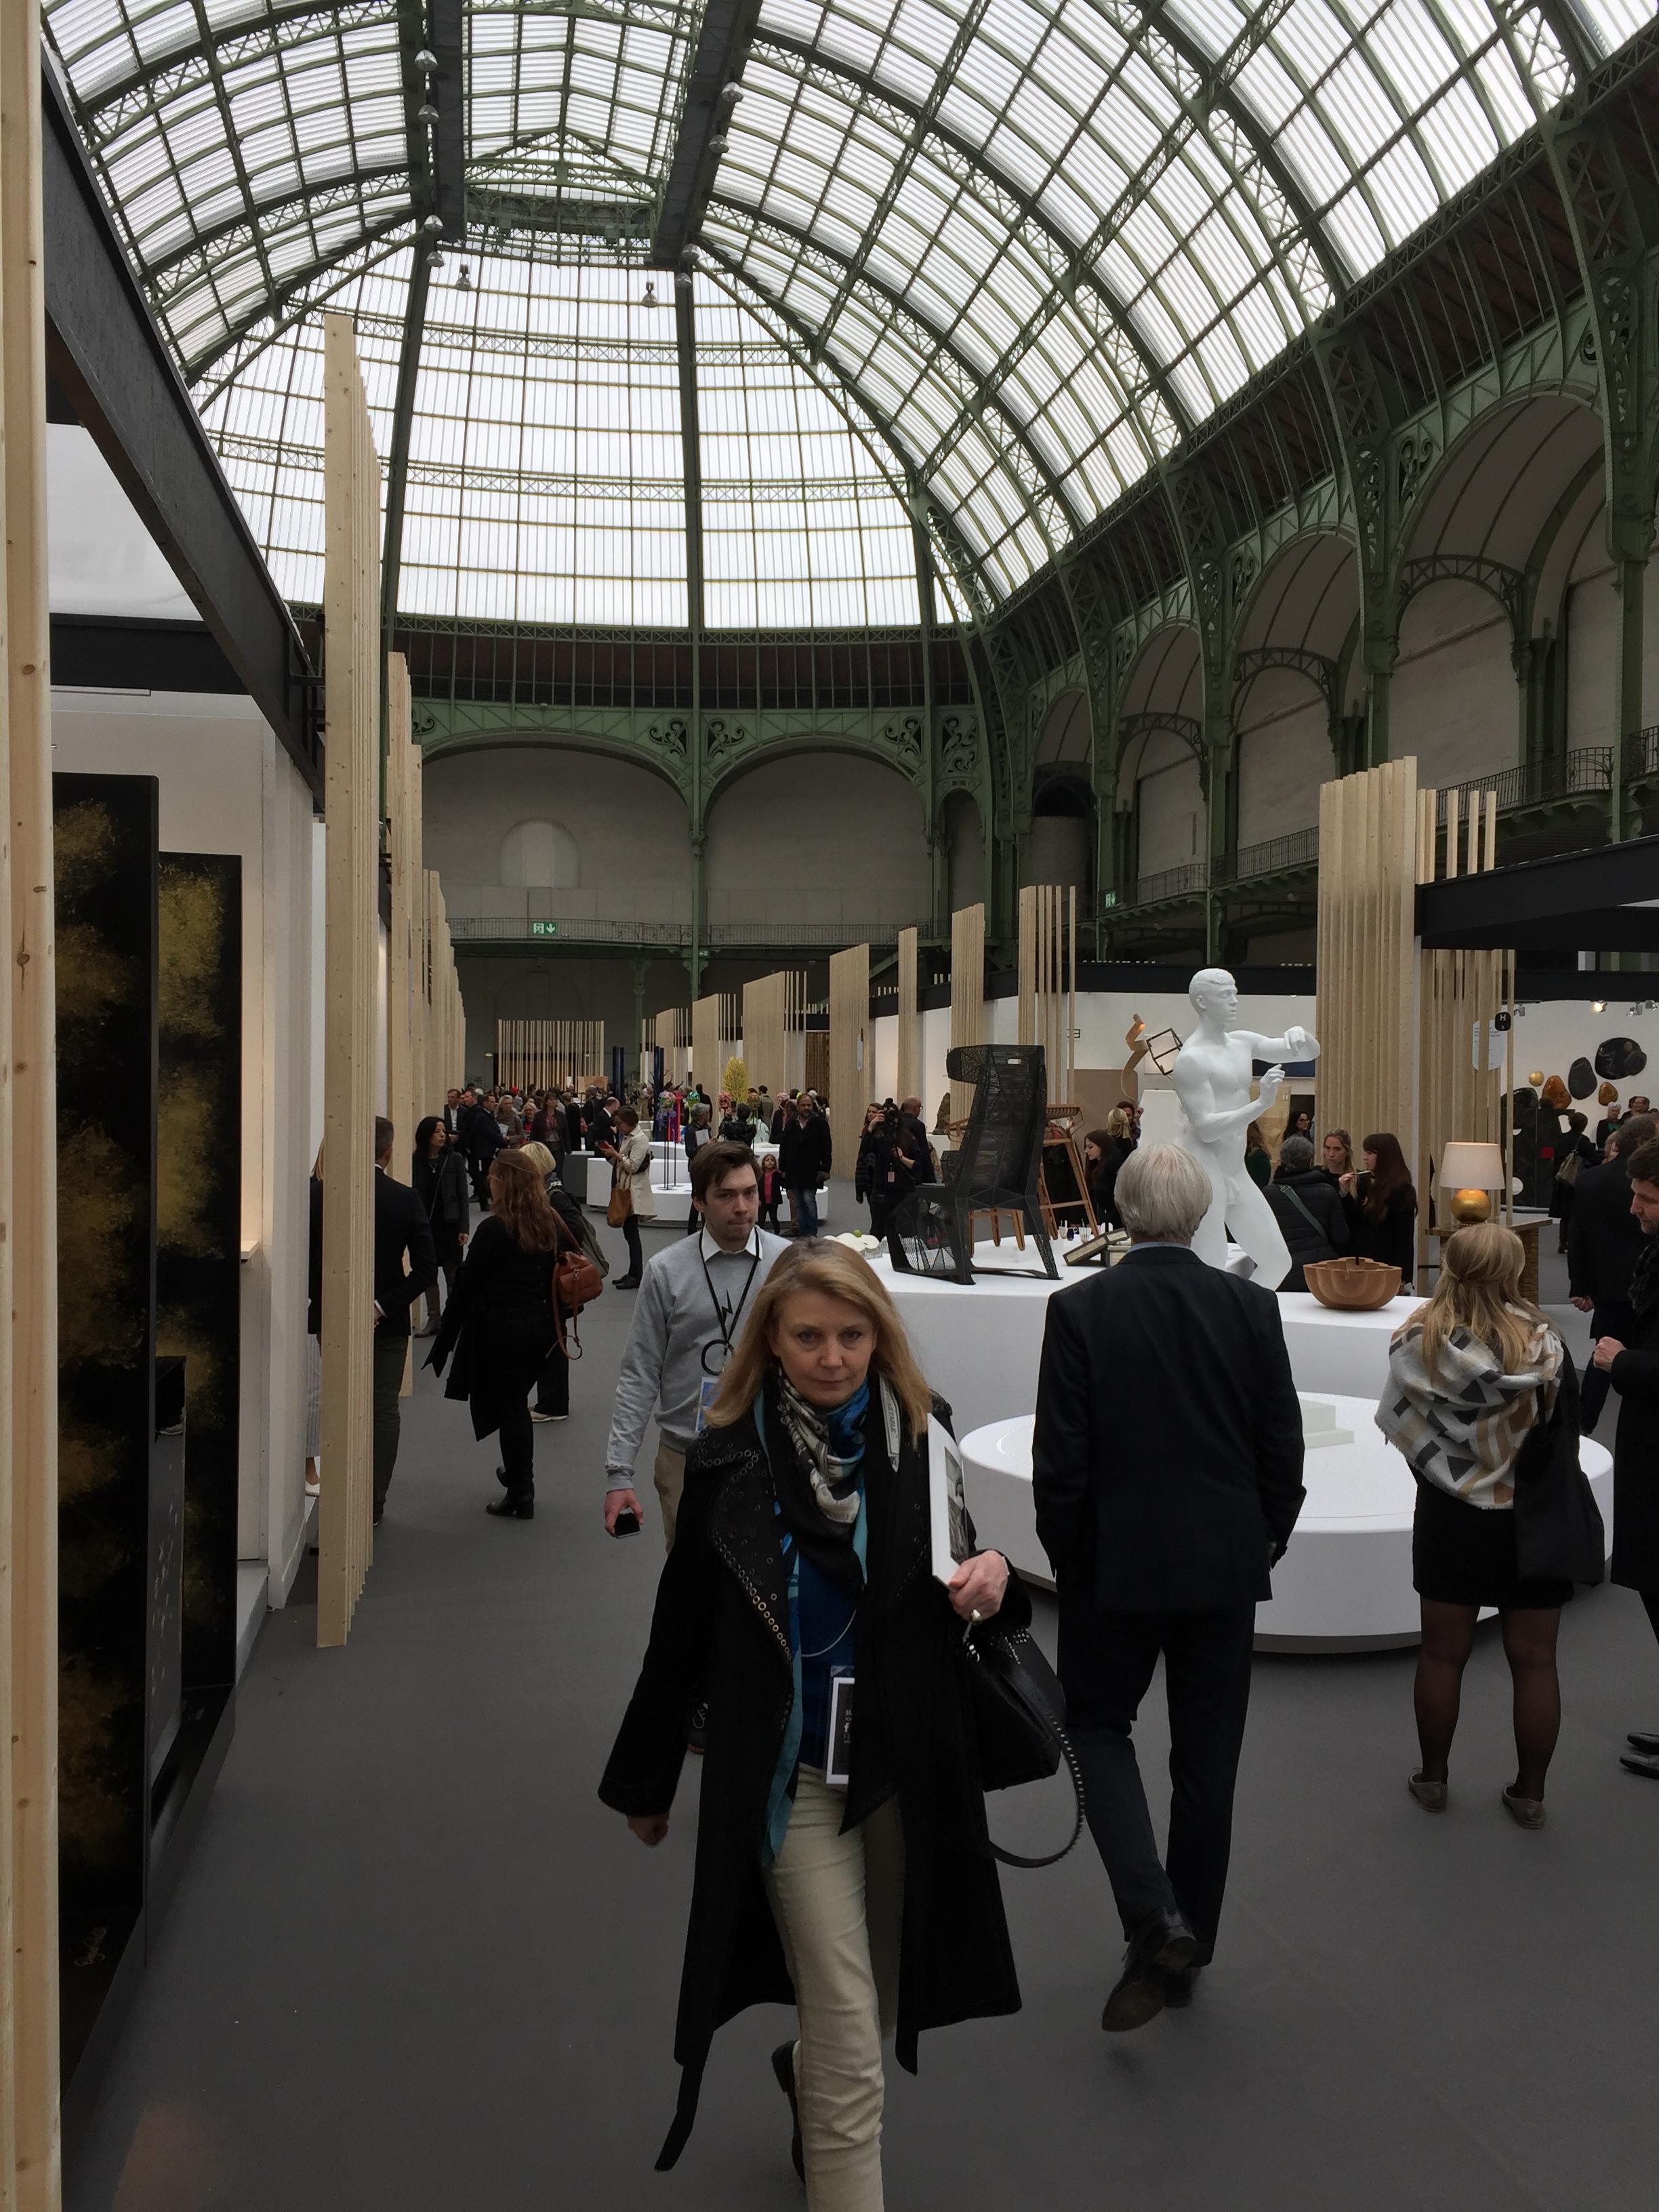 パリで開催されたサロン・レバラシオンの会場内の様子